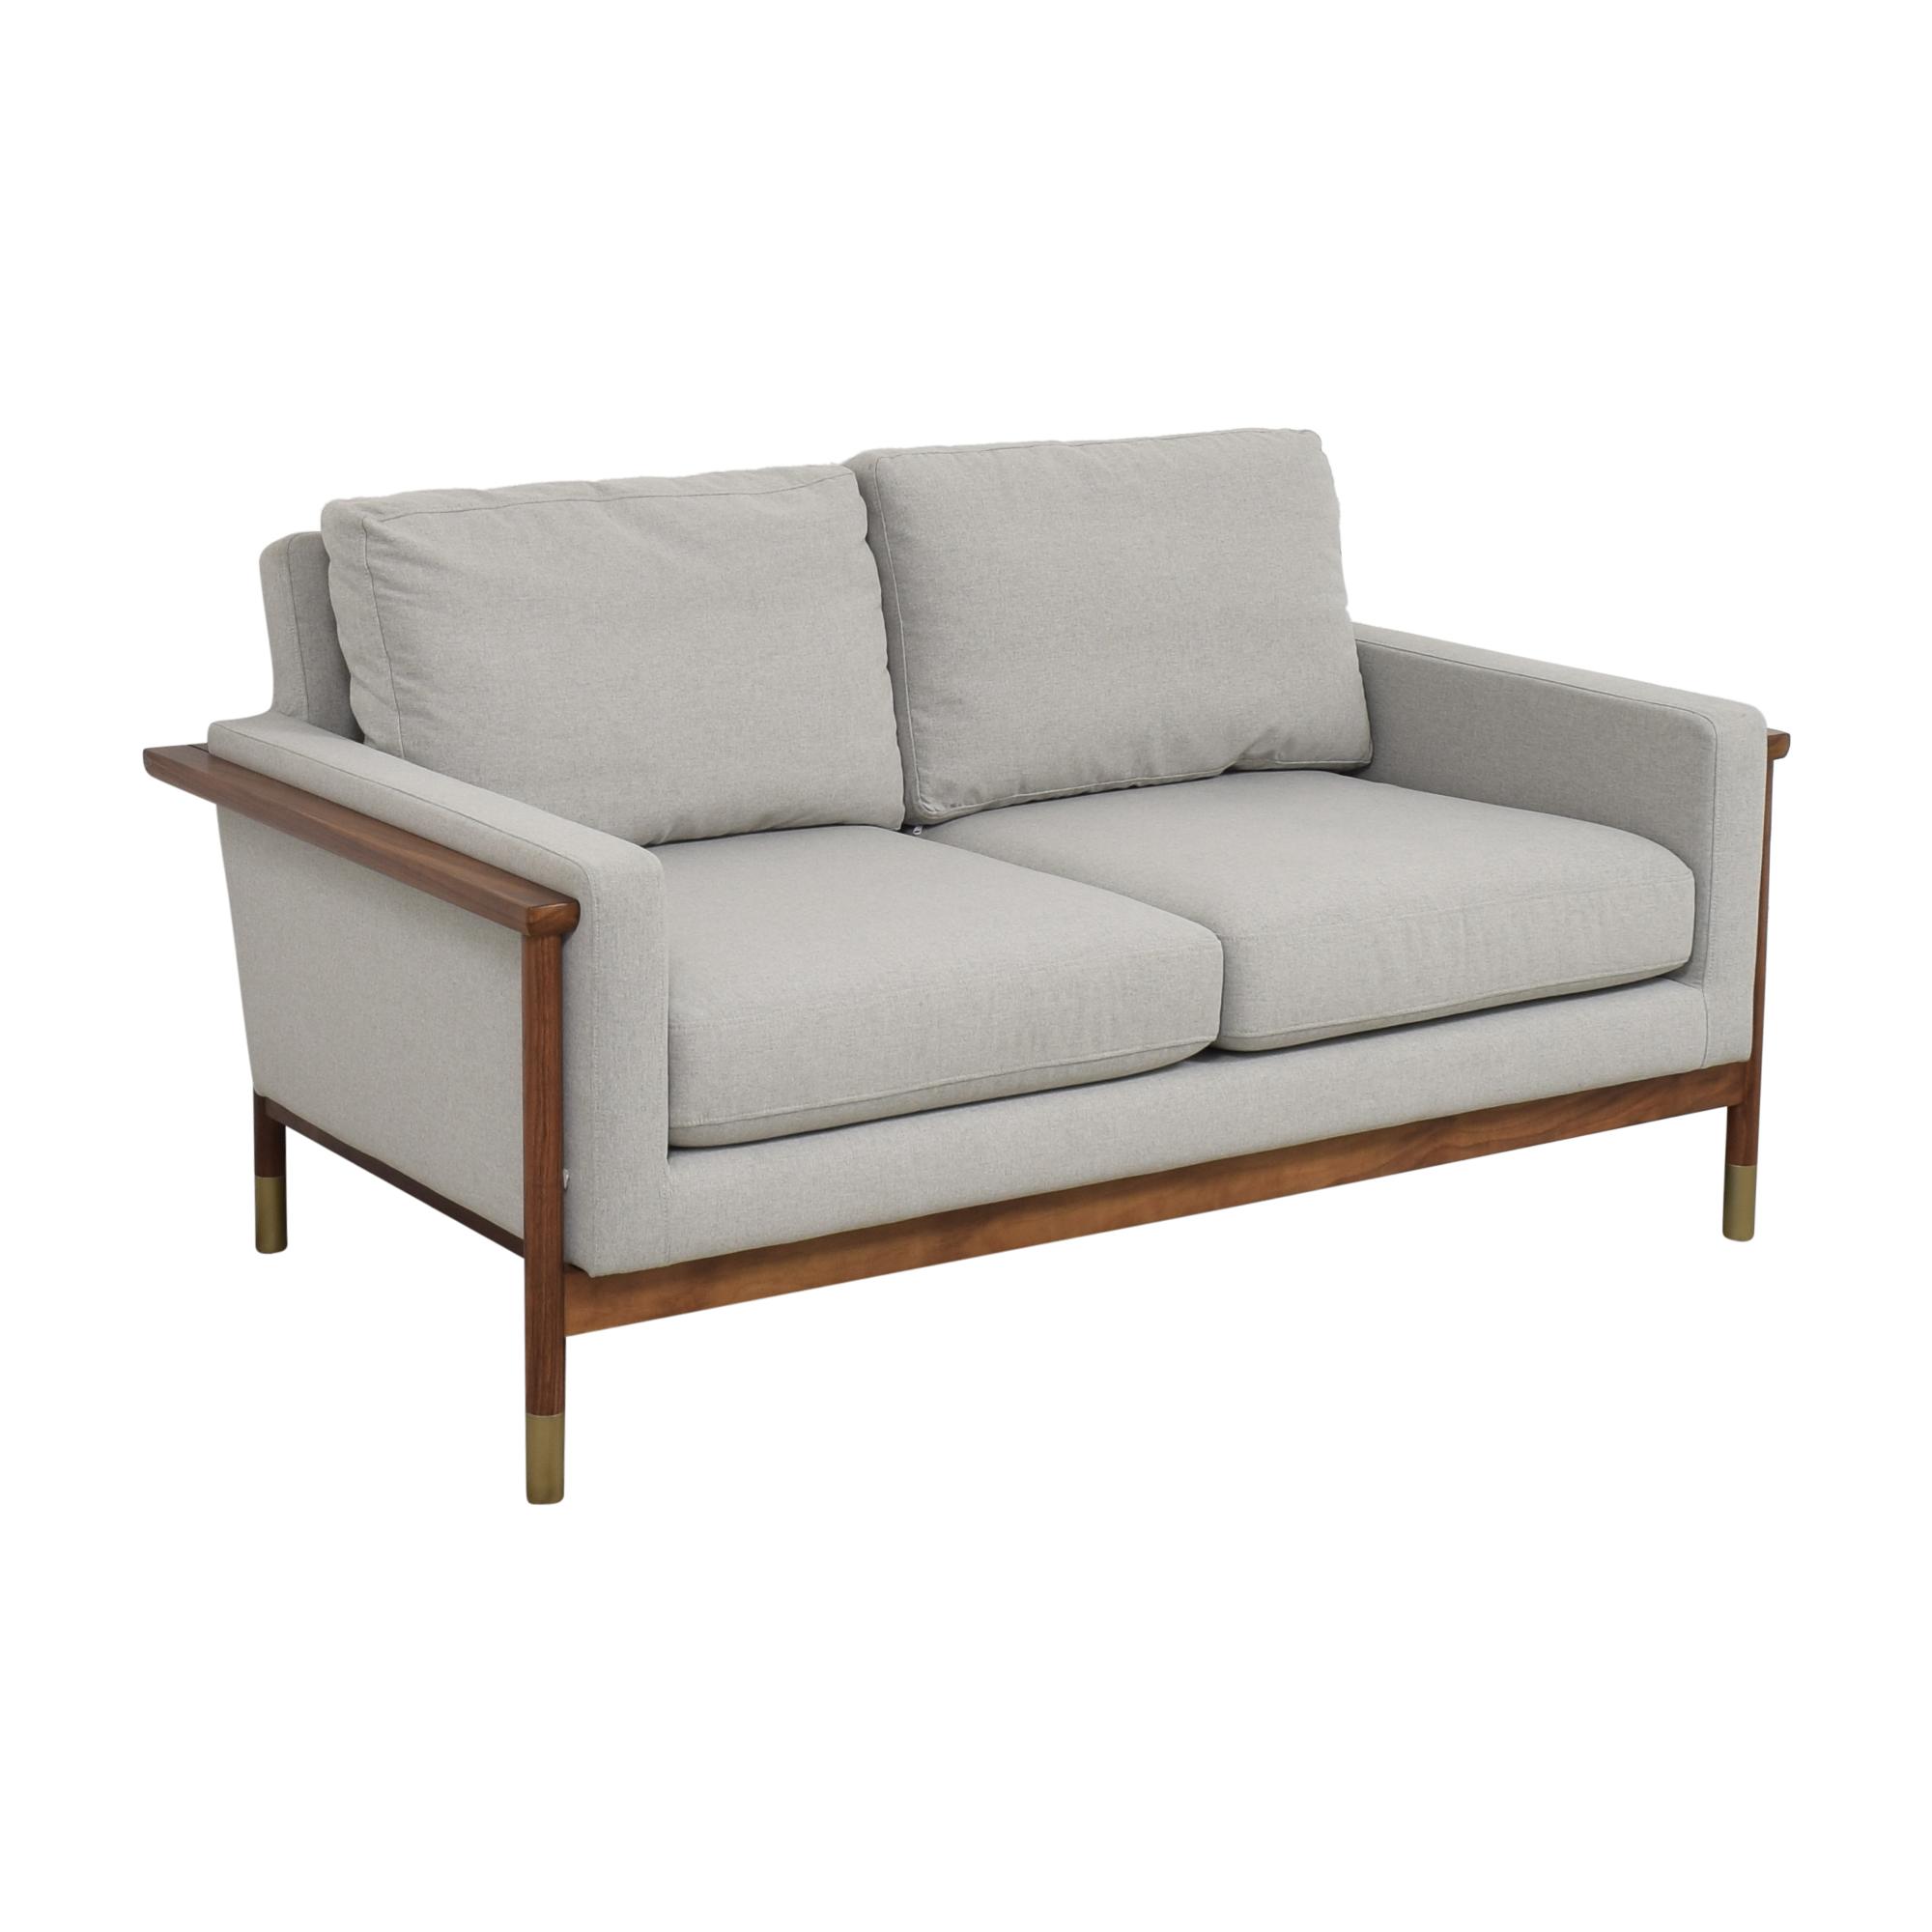 Interior Define Interior Define Jason Wu Loveseat Sofa ct